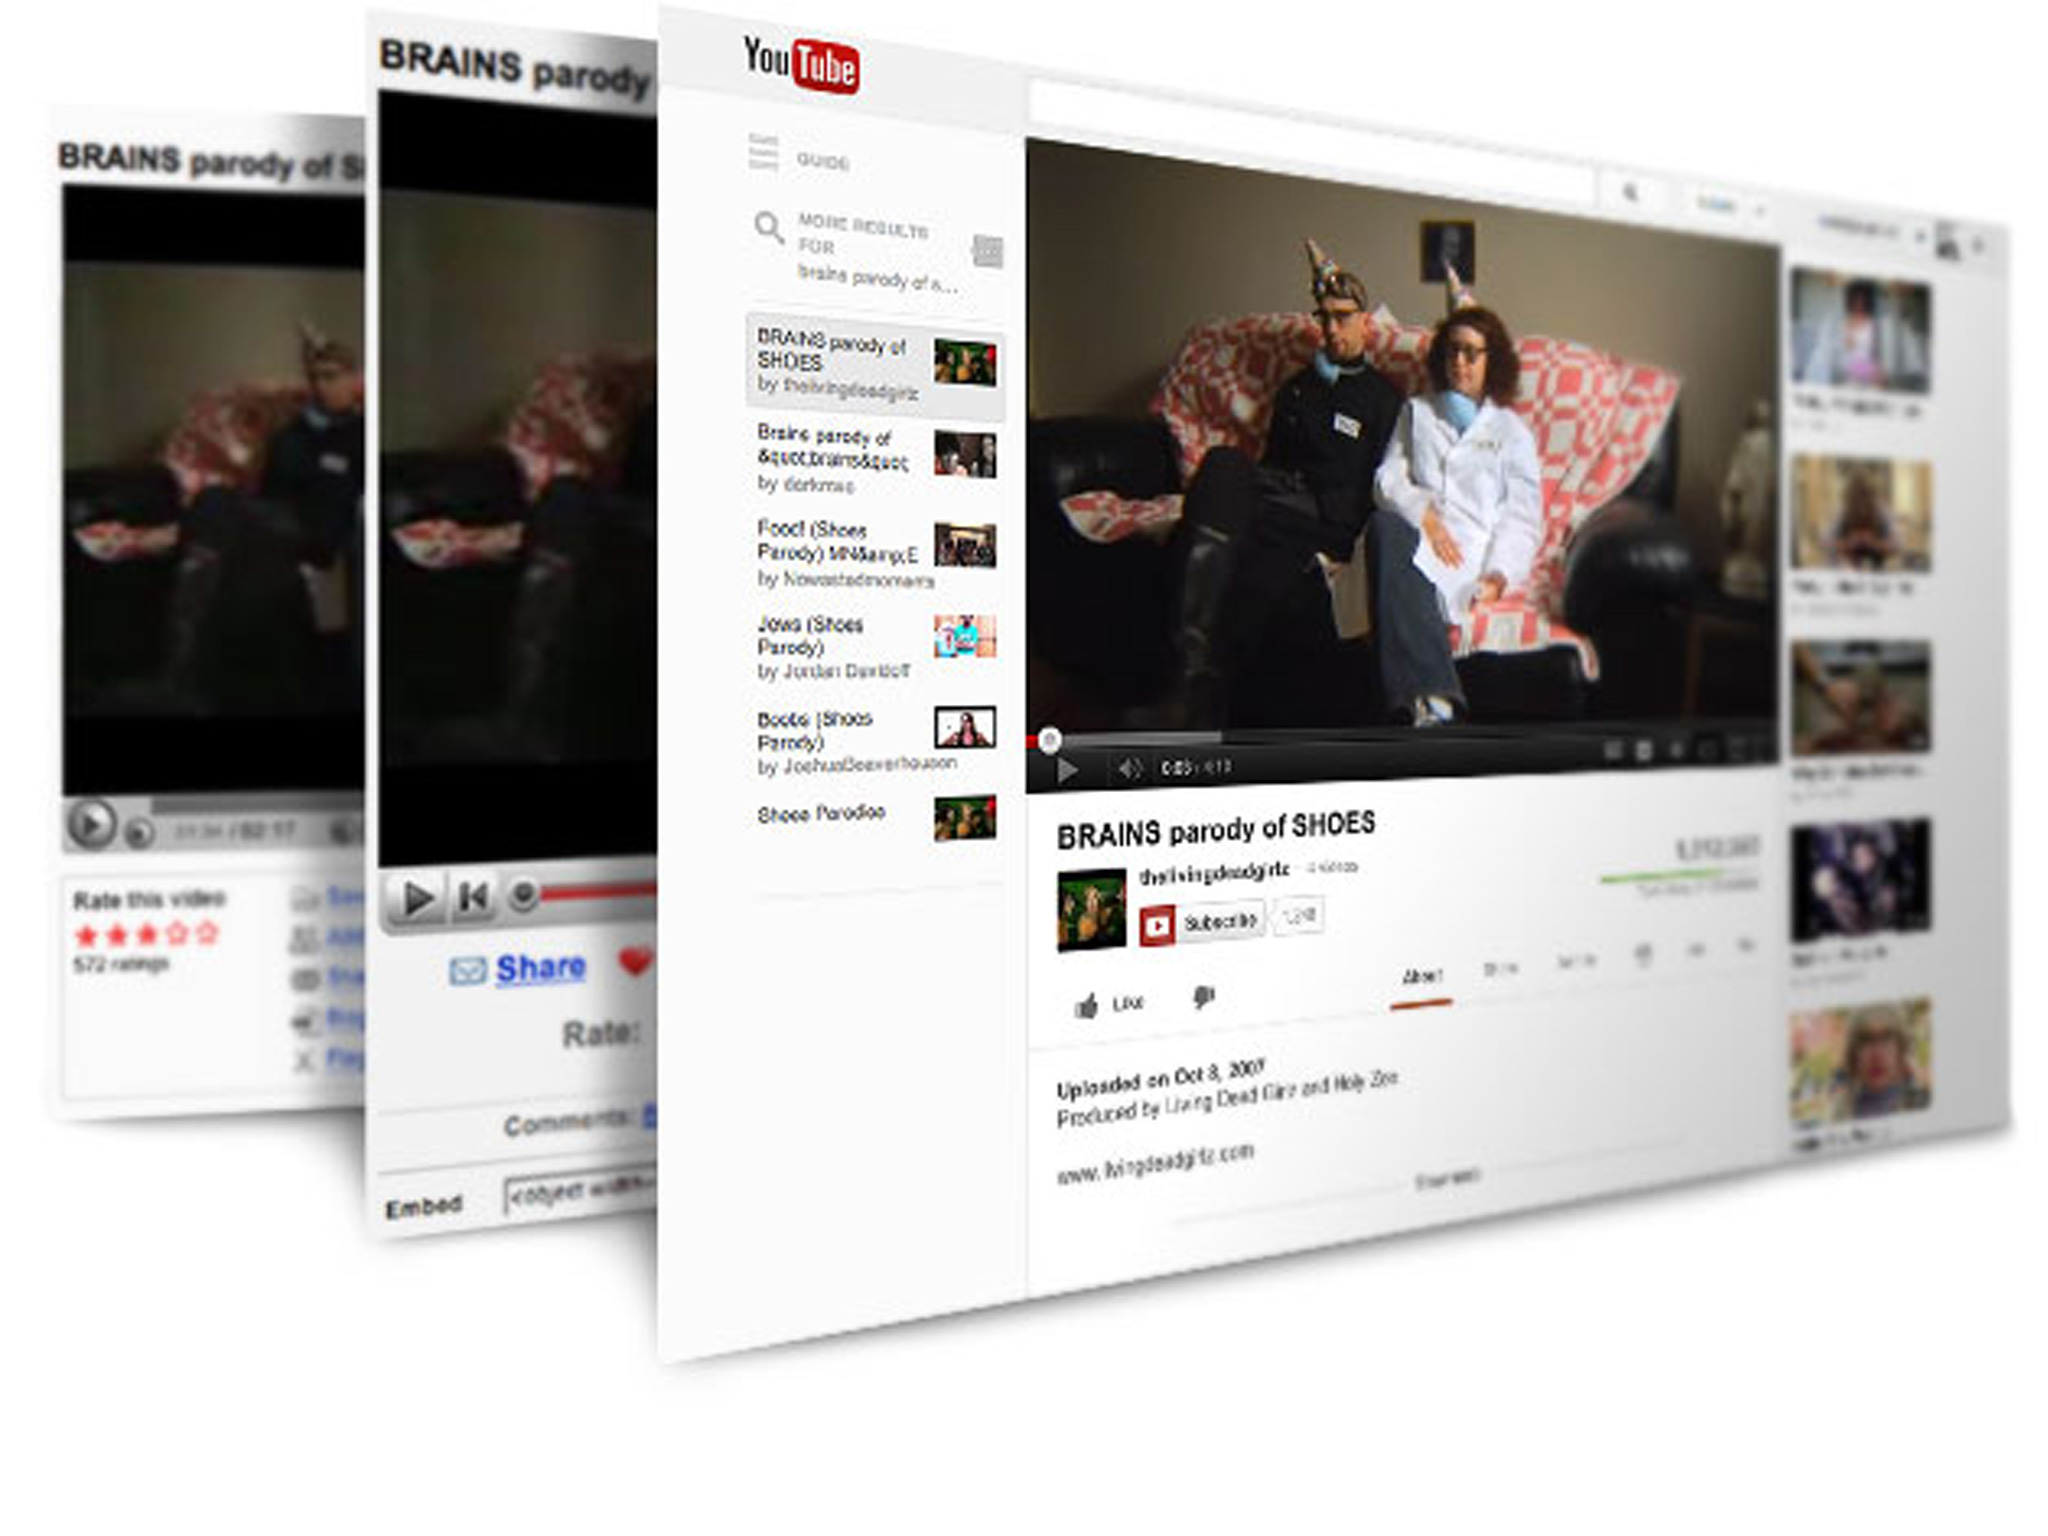 Youtube ha pagado más mil millones de dólares a la industria musical en los últimos años.